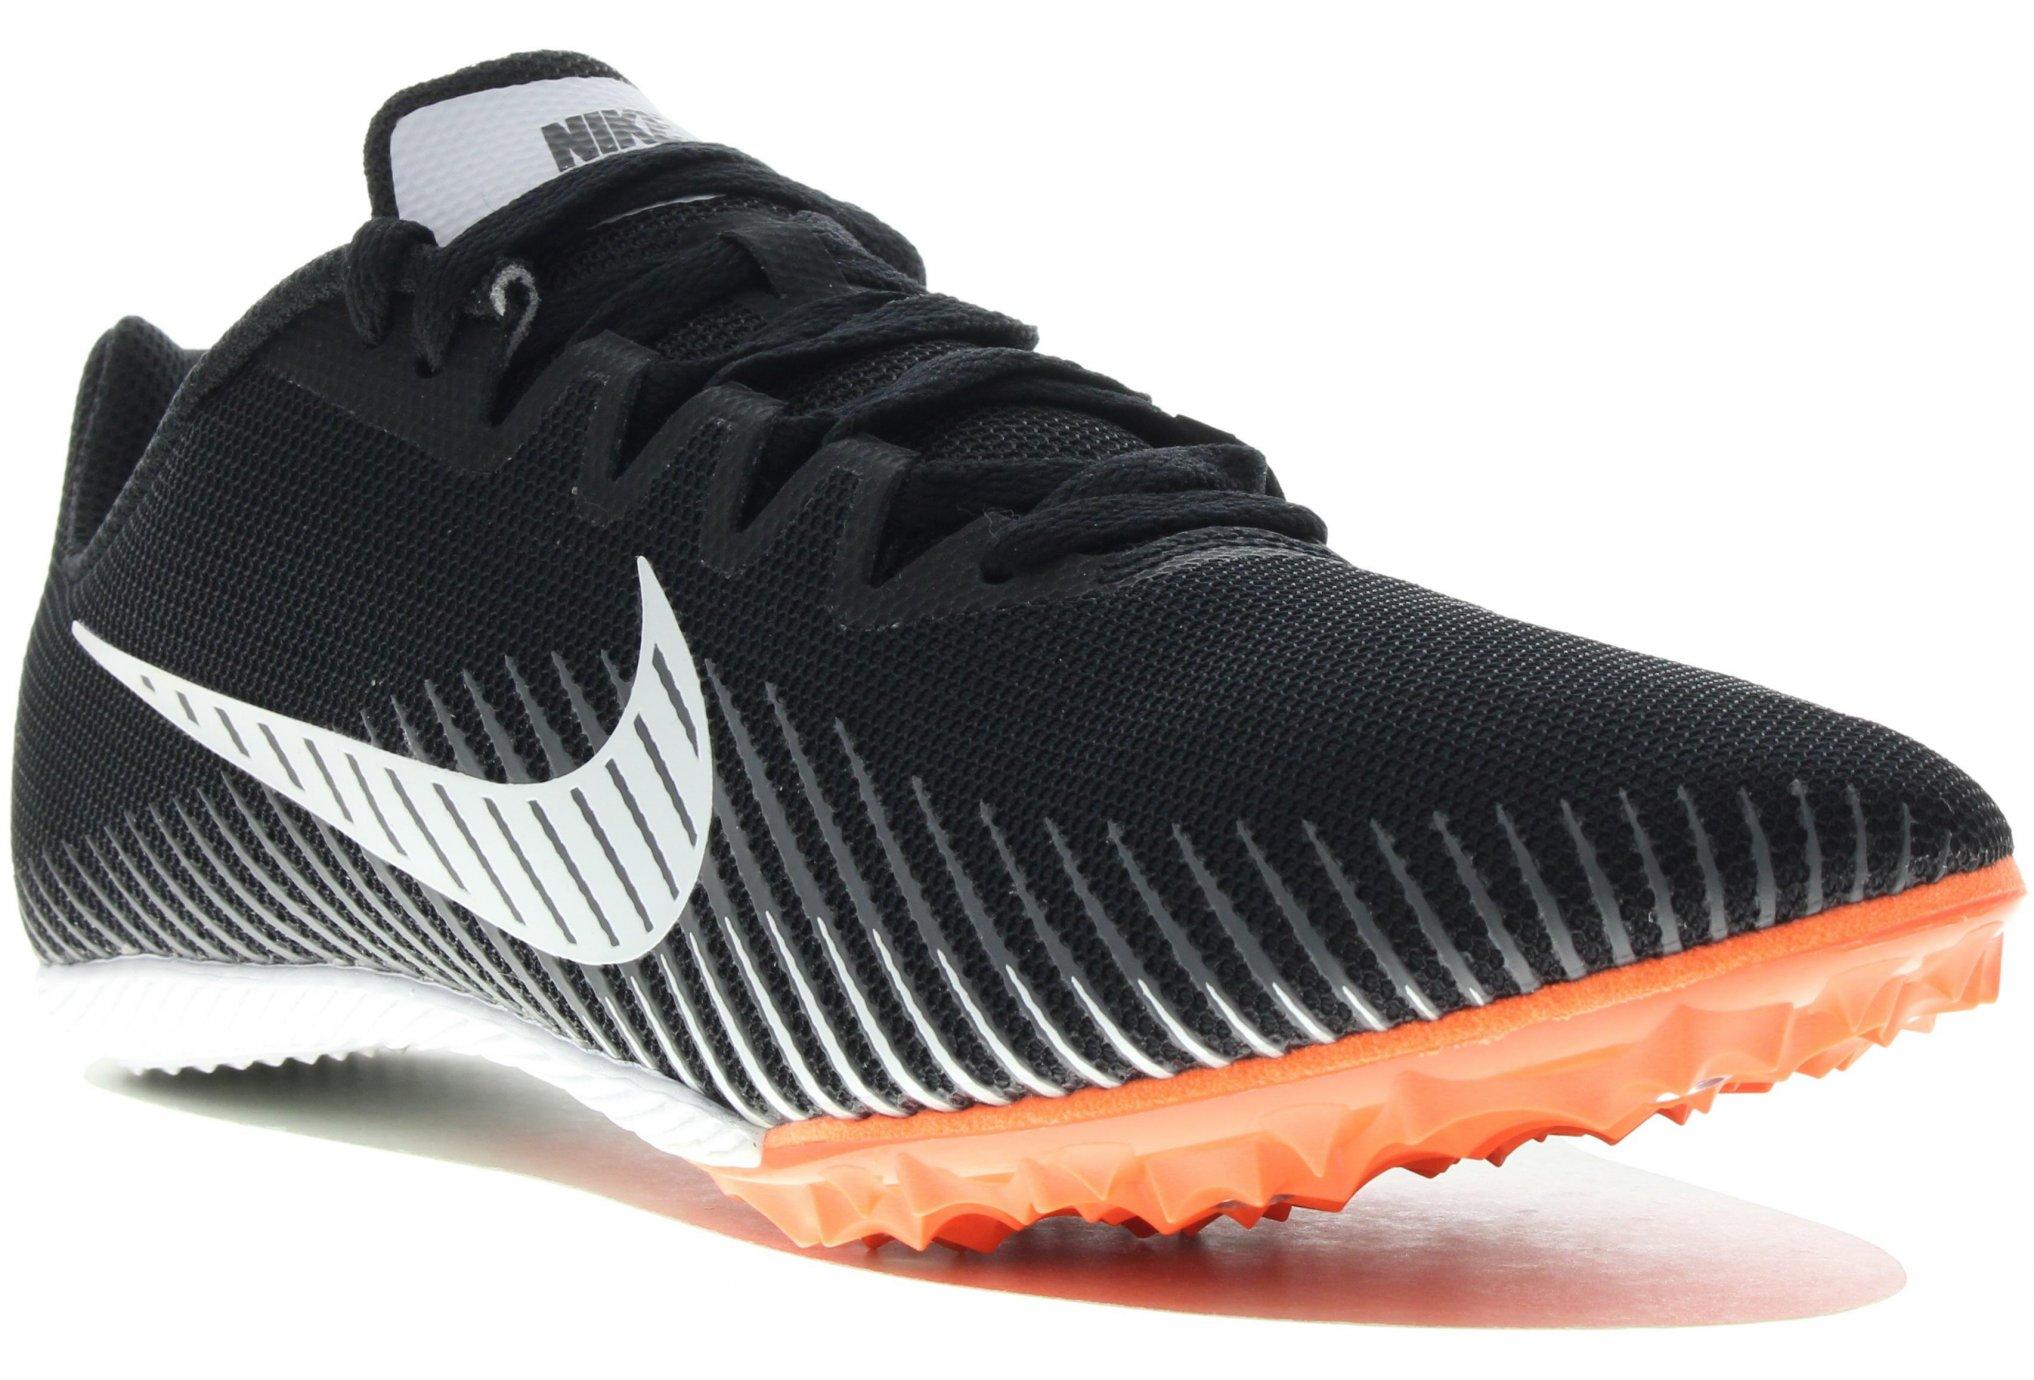 Nike Zoom Rival M 9 M Diététique Chaussures homme